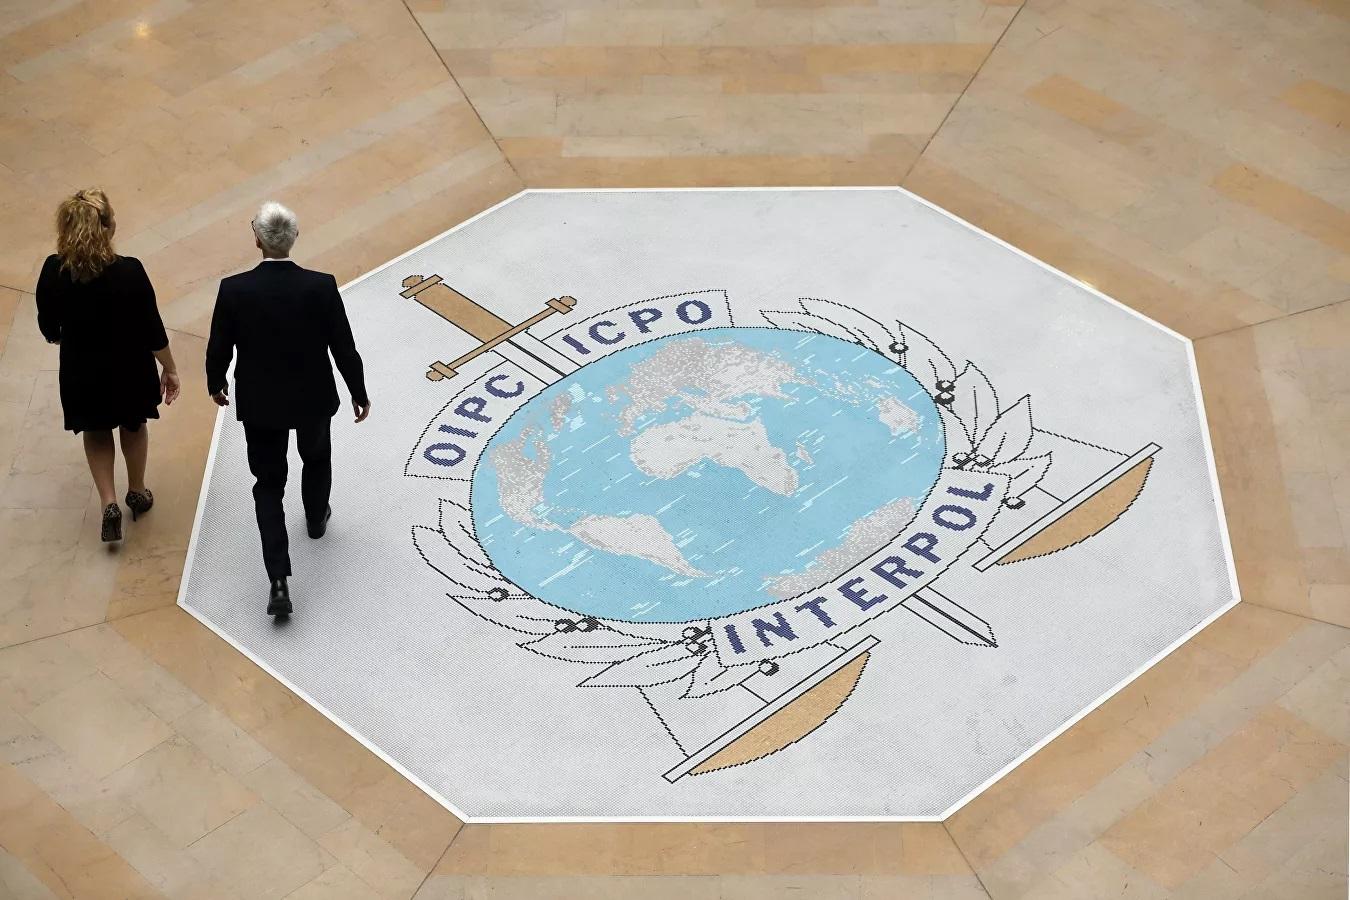 Iran yêu cầu Interpol bắt giữ 48 người liên quan đến vụ ám sát Tướng Soleimani